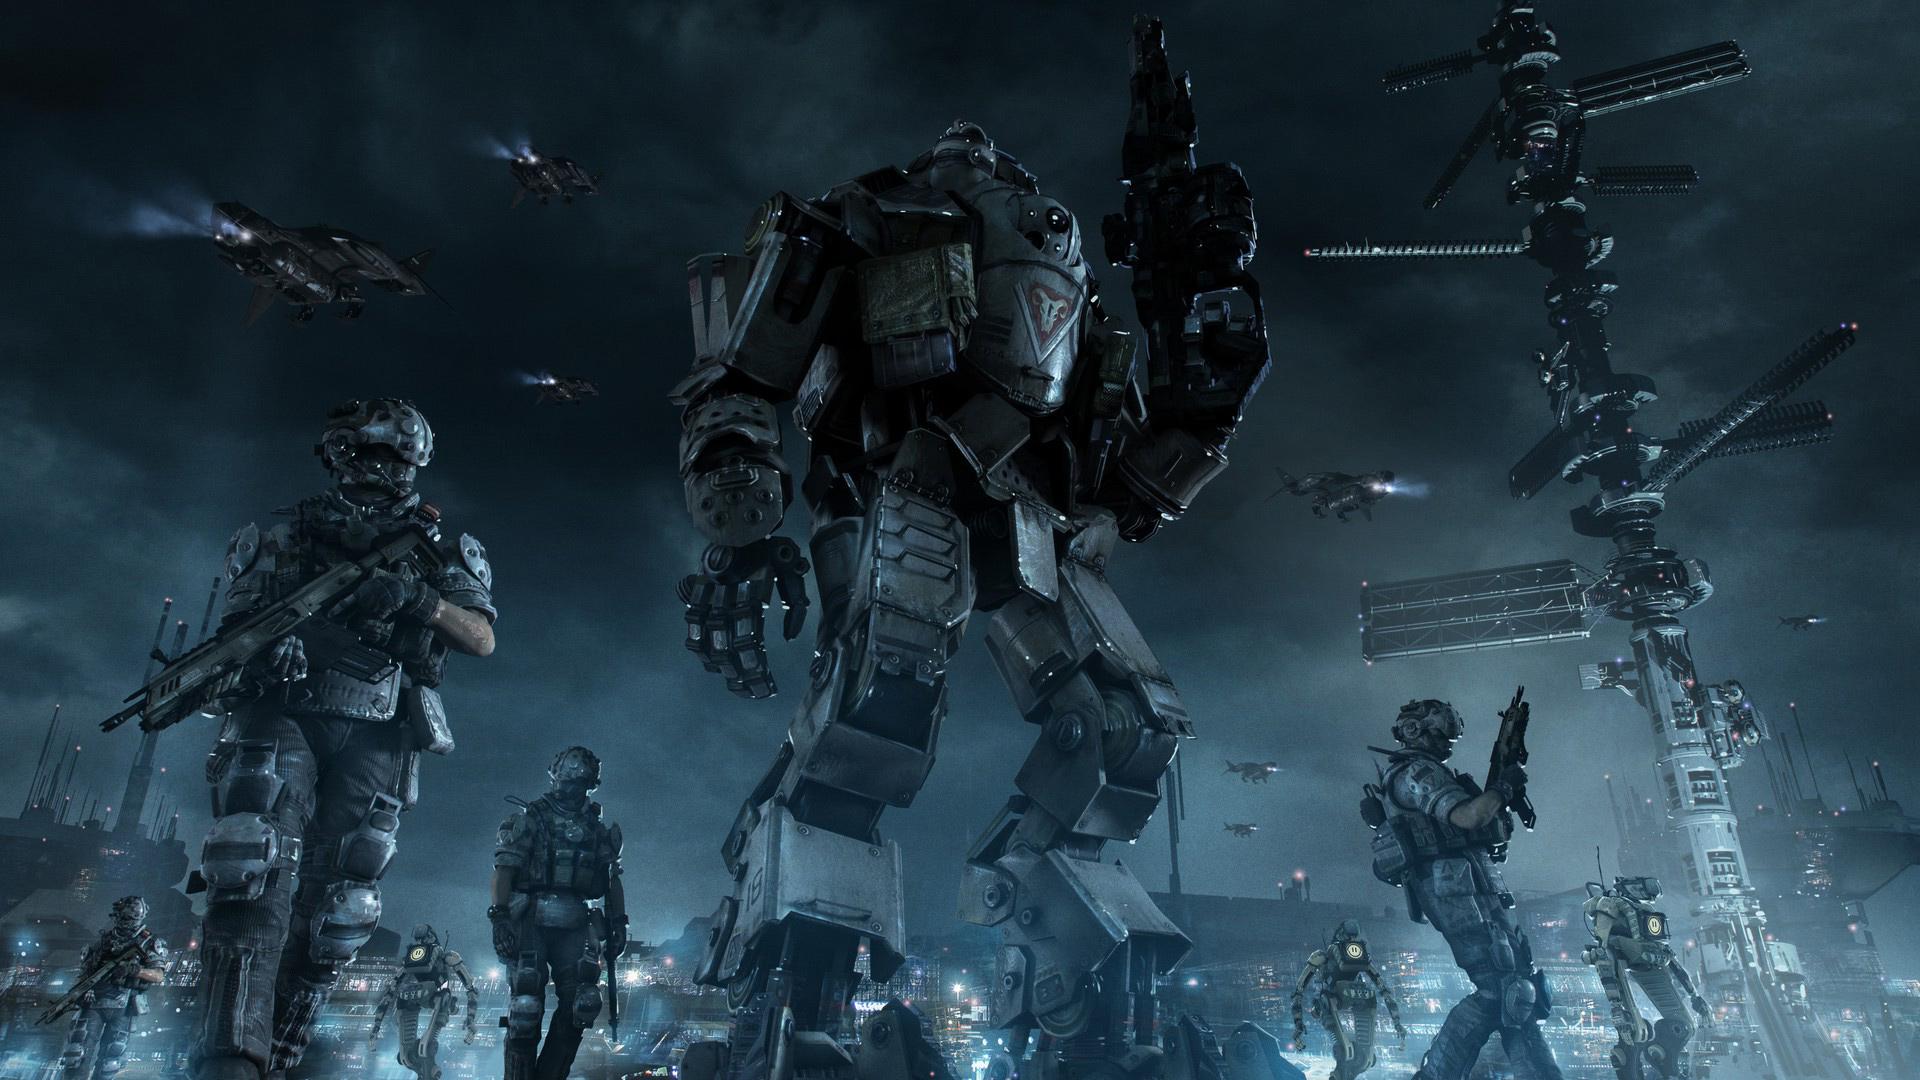 wallpaper : video games, titanfall, mech, darkness, screenshot